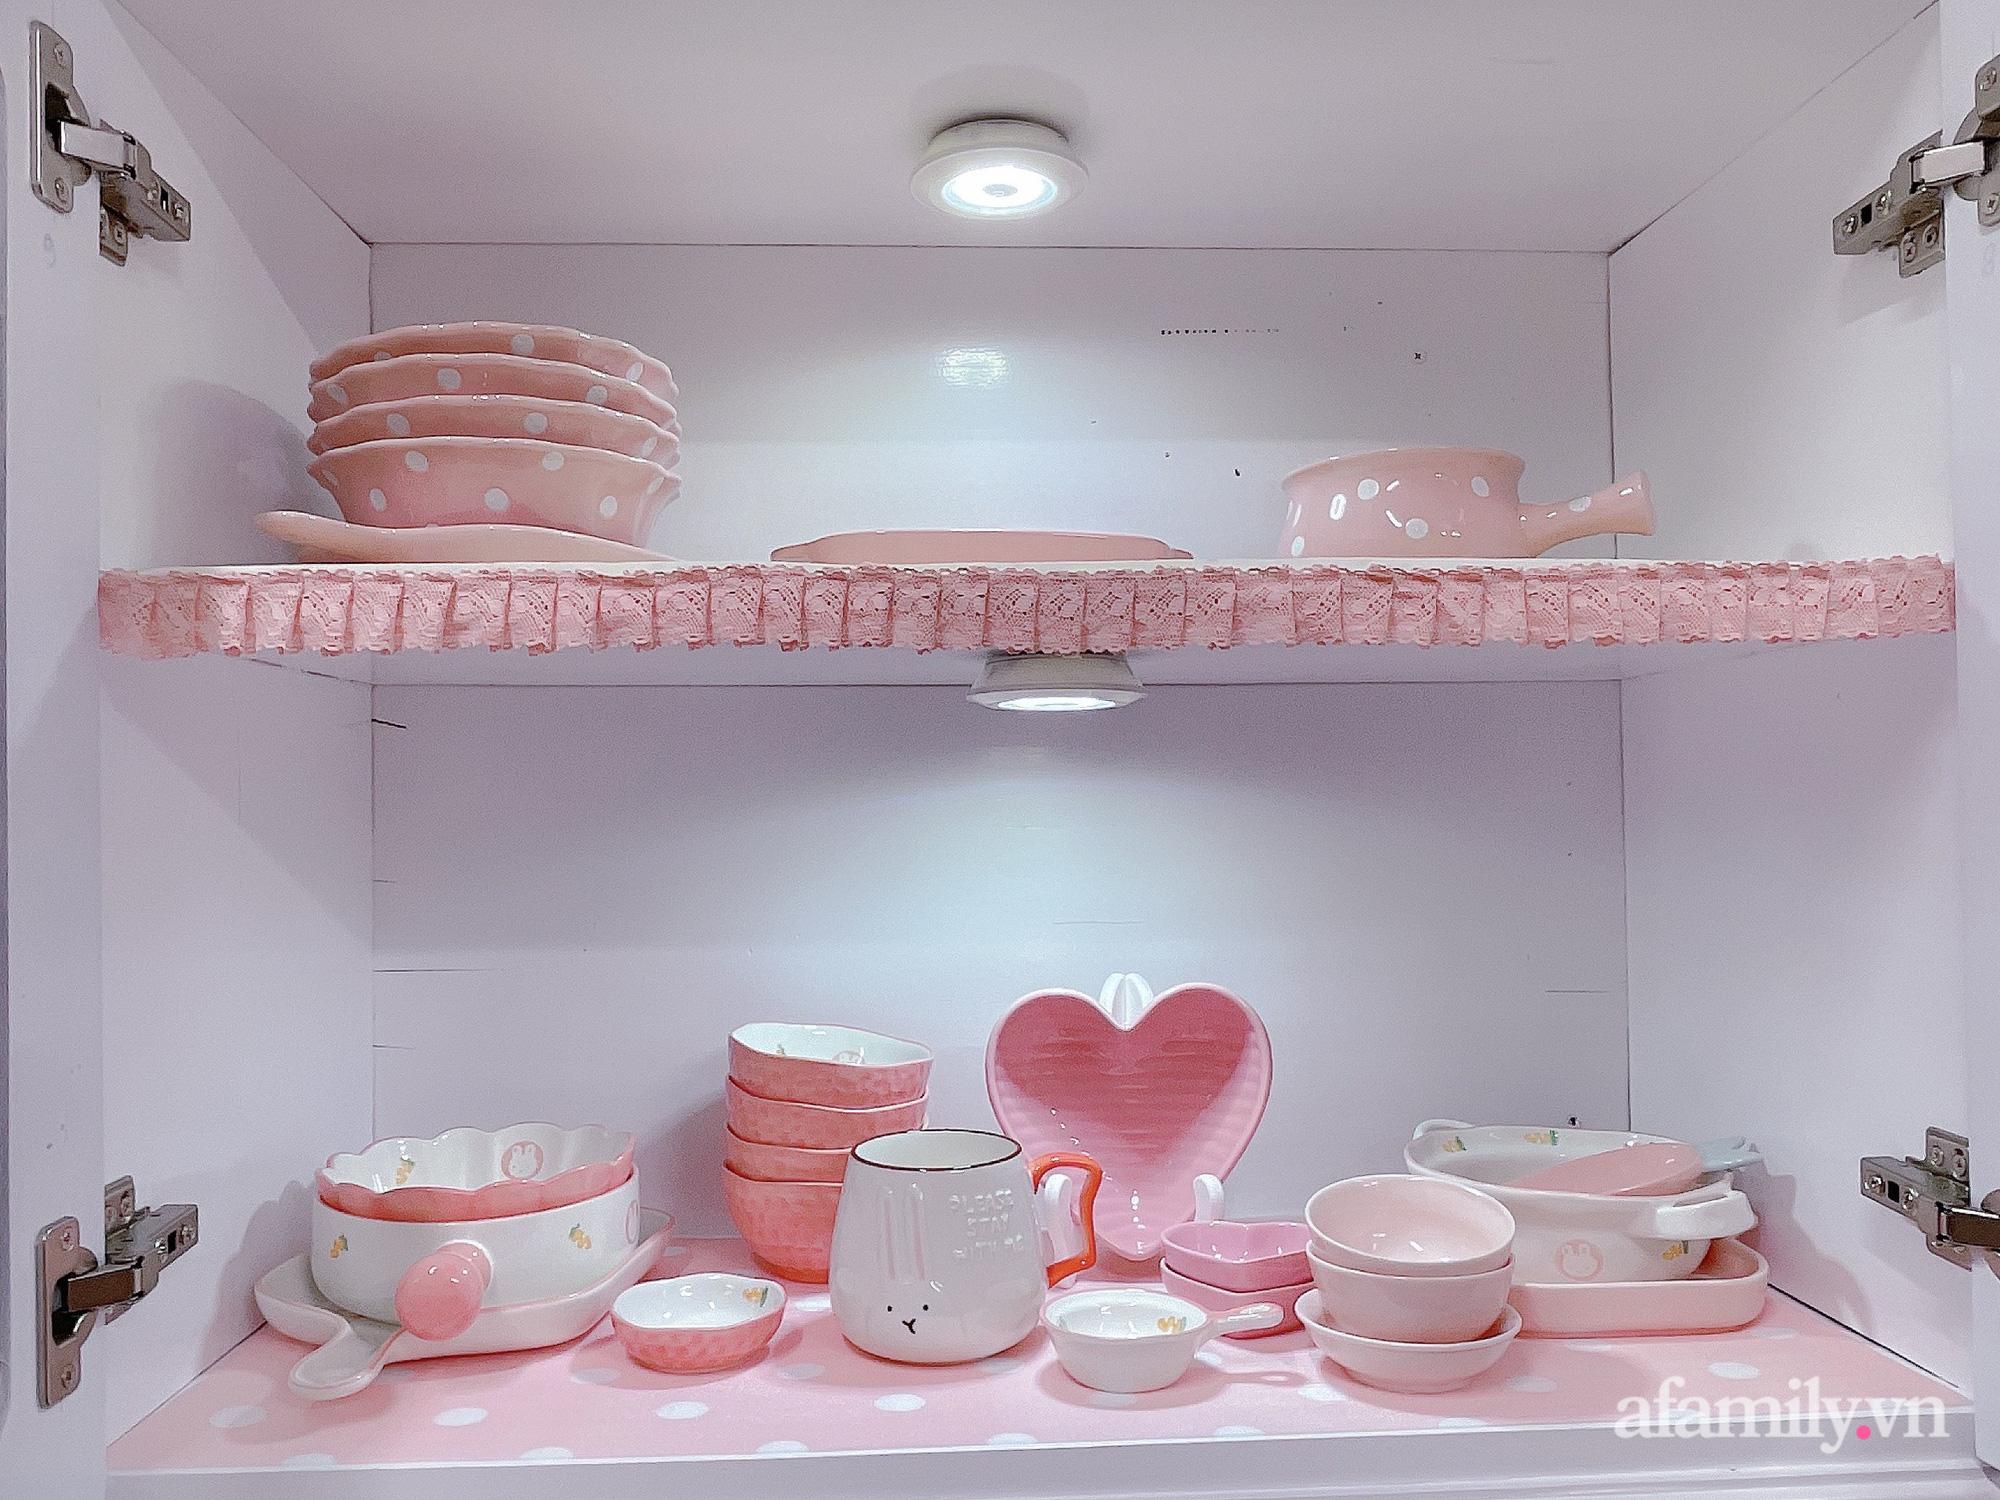 Mẹ trẻ Đà Lạt tự cải tạo căn bếp chật hẹp thành không gian tiện nghi với chi phí rẻ không ngờ - Ảnh 11.